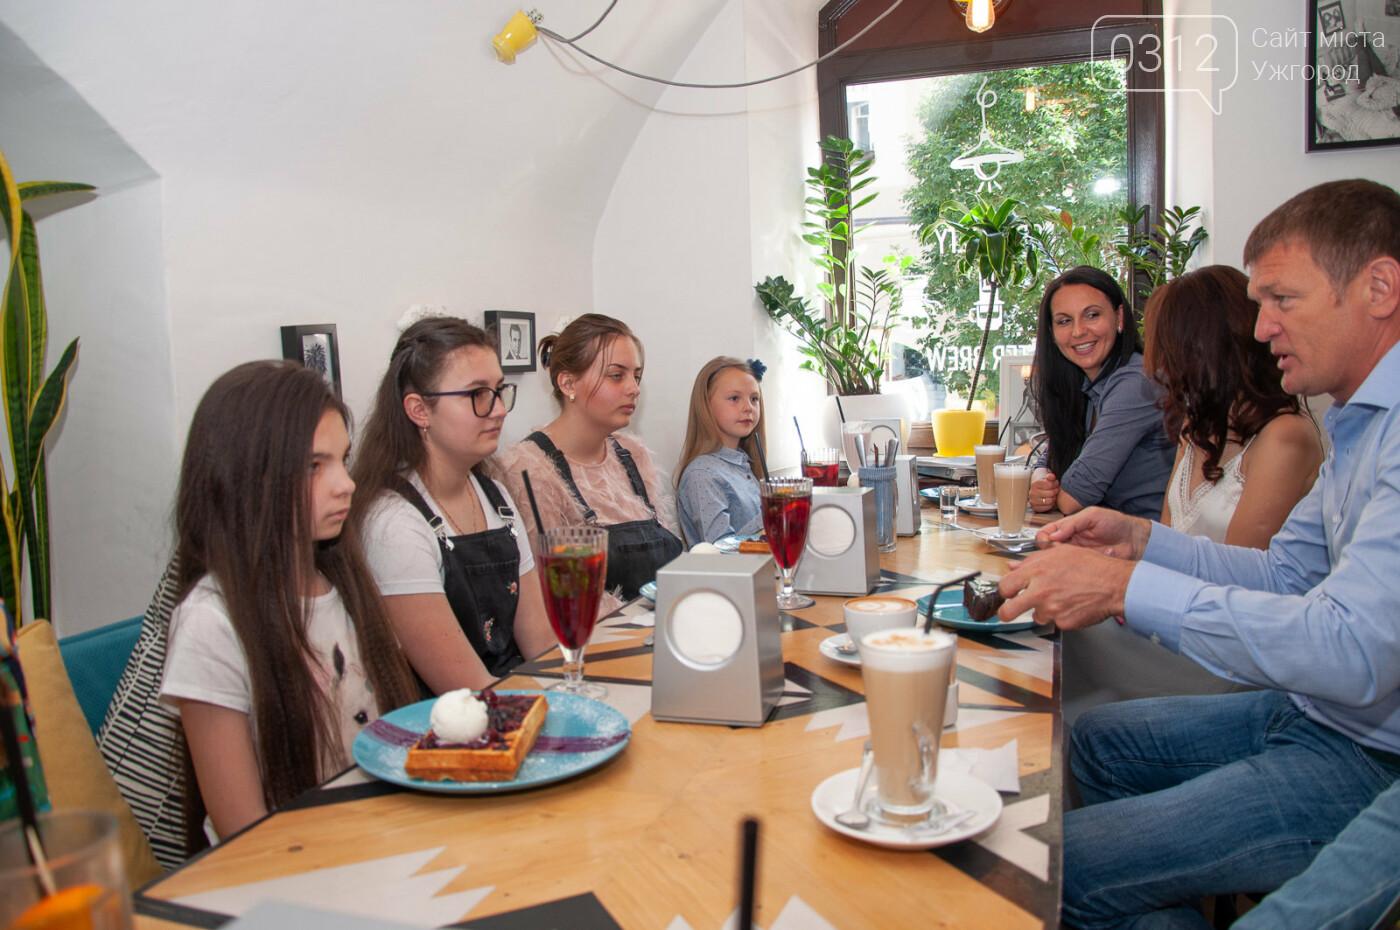 Закарпатські школярки тріумфували на Міжнародному конкурсі з української мови (ФОТО), фото-6